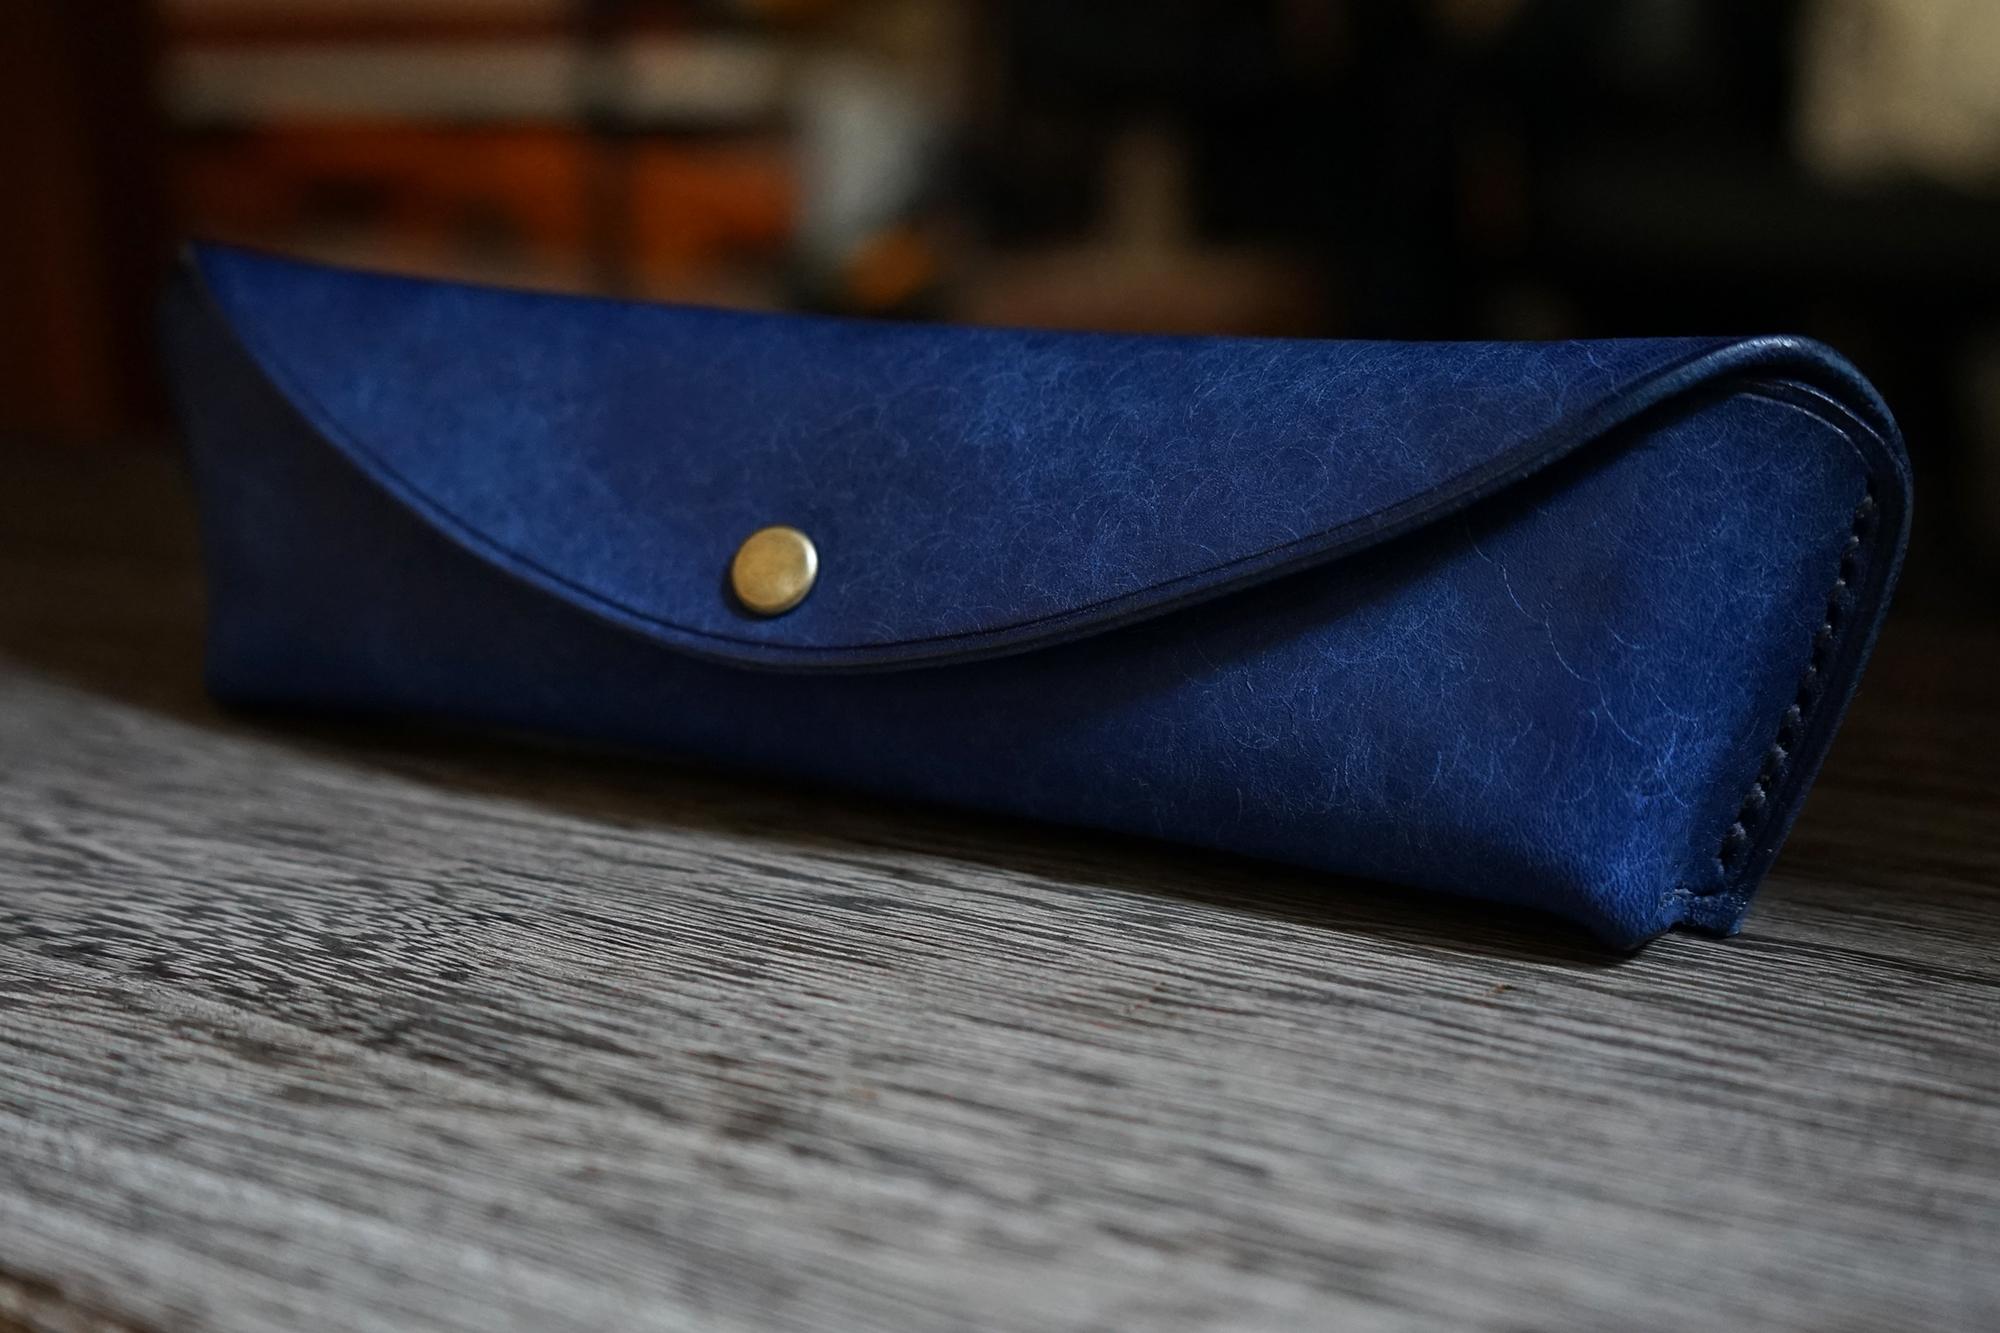 ペントレイのように使える tenui-手縫い イタリアンレザースリムペンケース rolia-graffi(ローリア/ グラフィー)販売開始しました